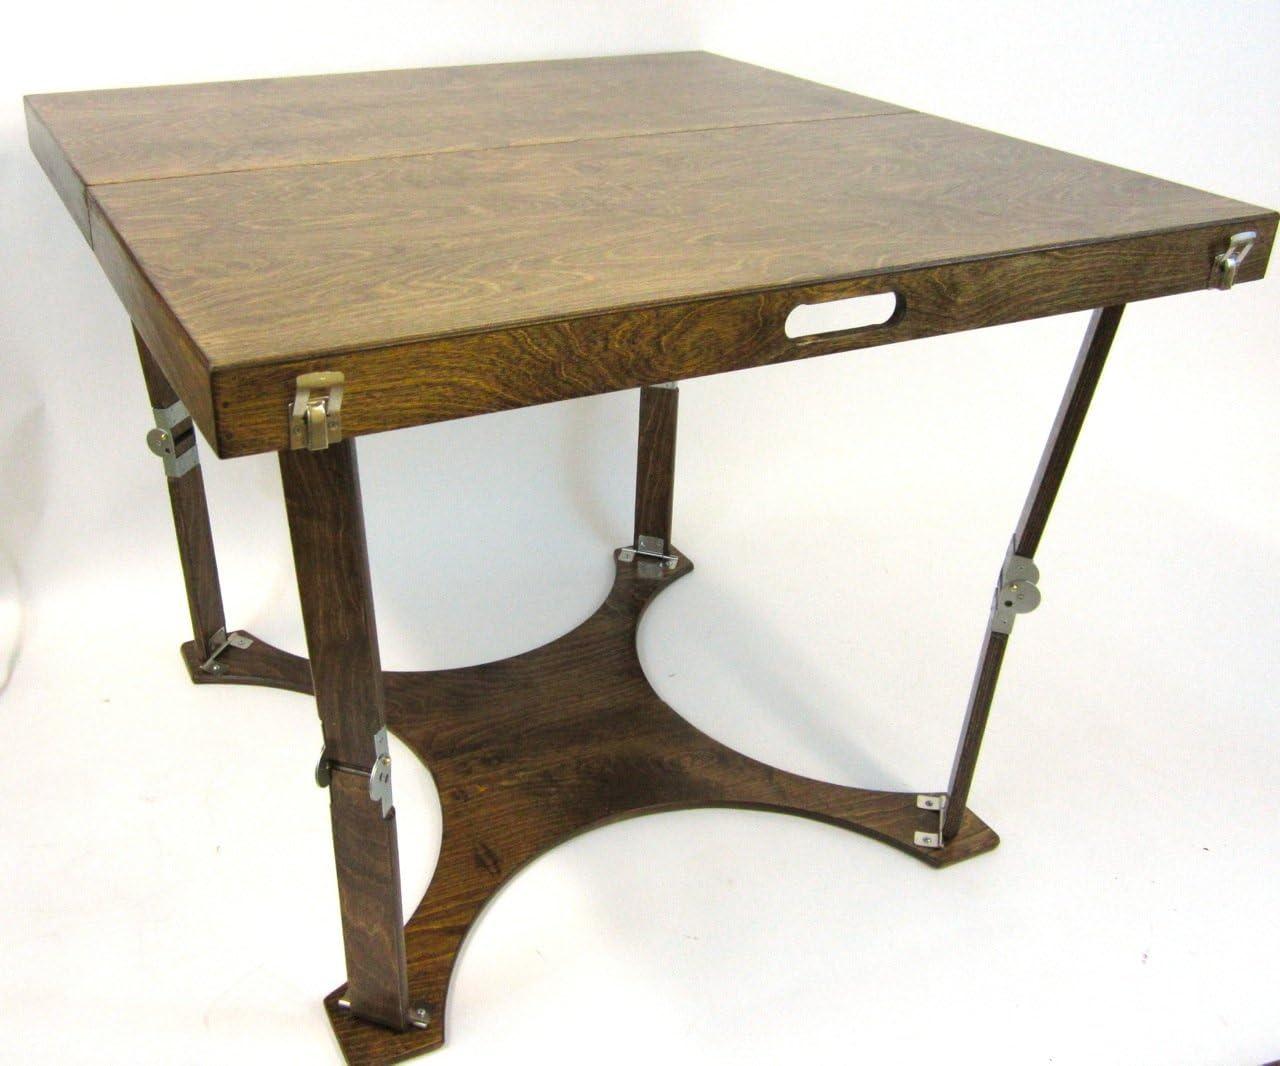 Spiderlegs Folding Dining Table, 36-Inch, Dark Walnut